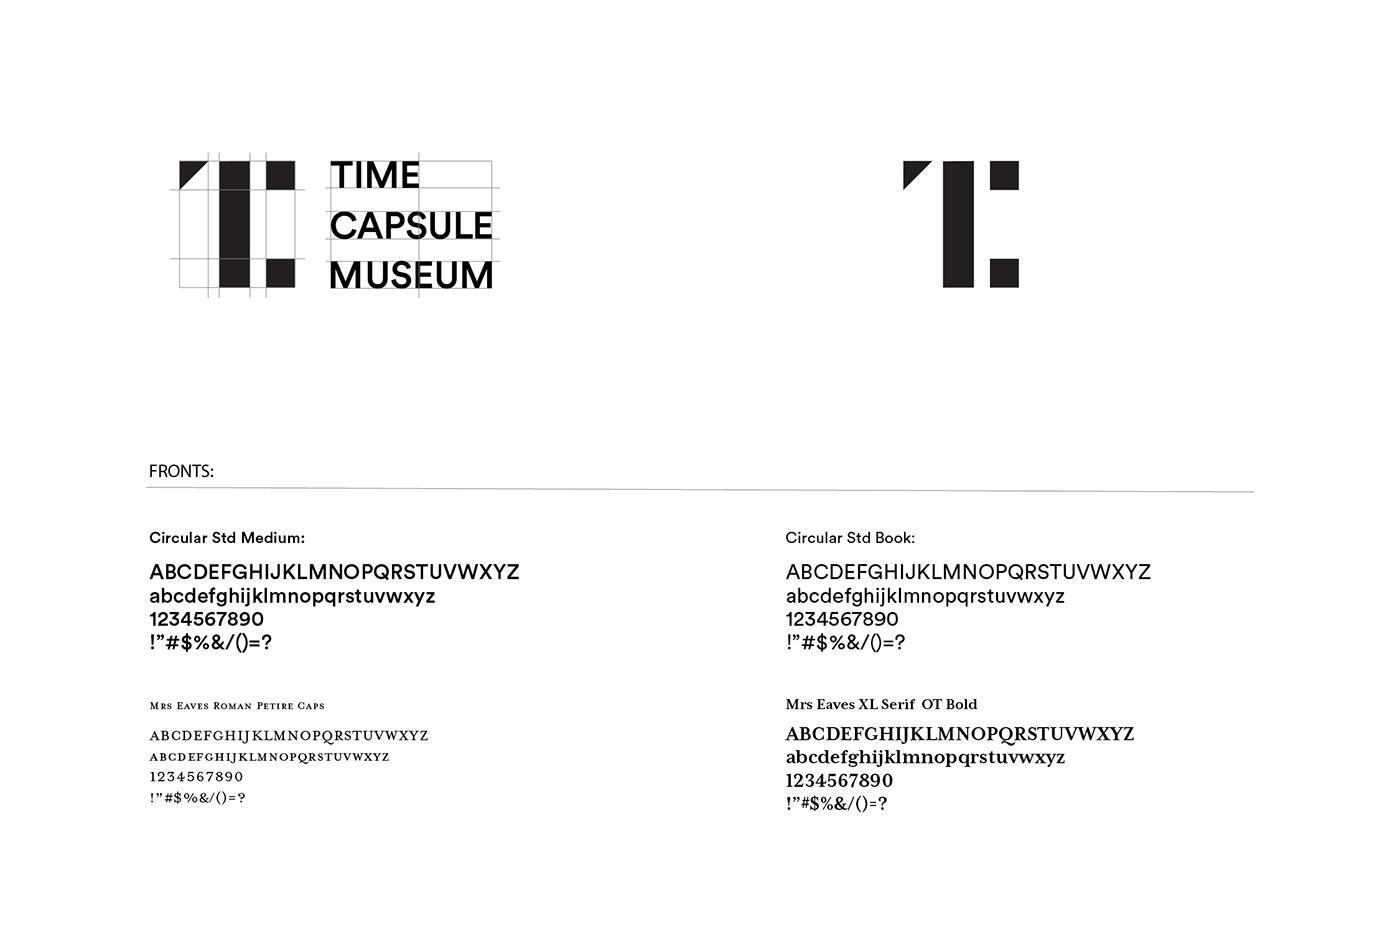 Time Capsule Museum| Imaginary Museum on MICA Portfolios